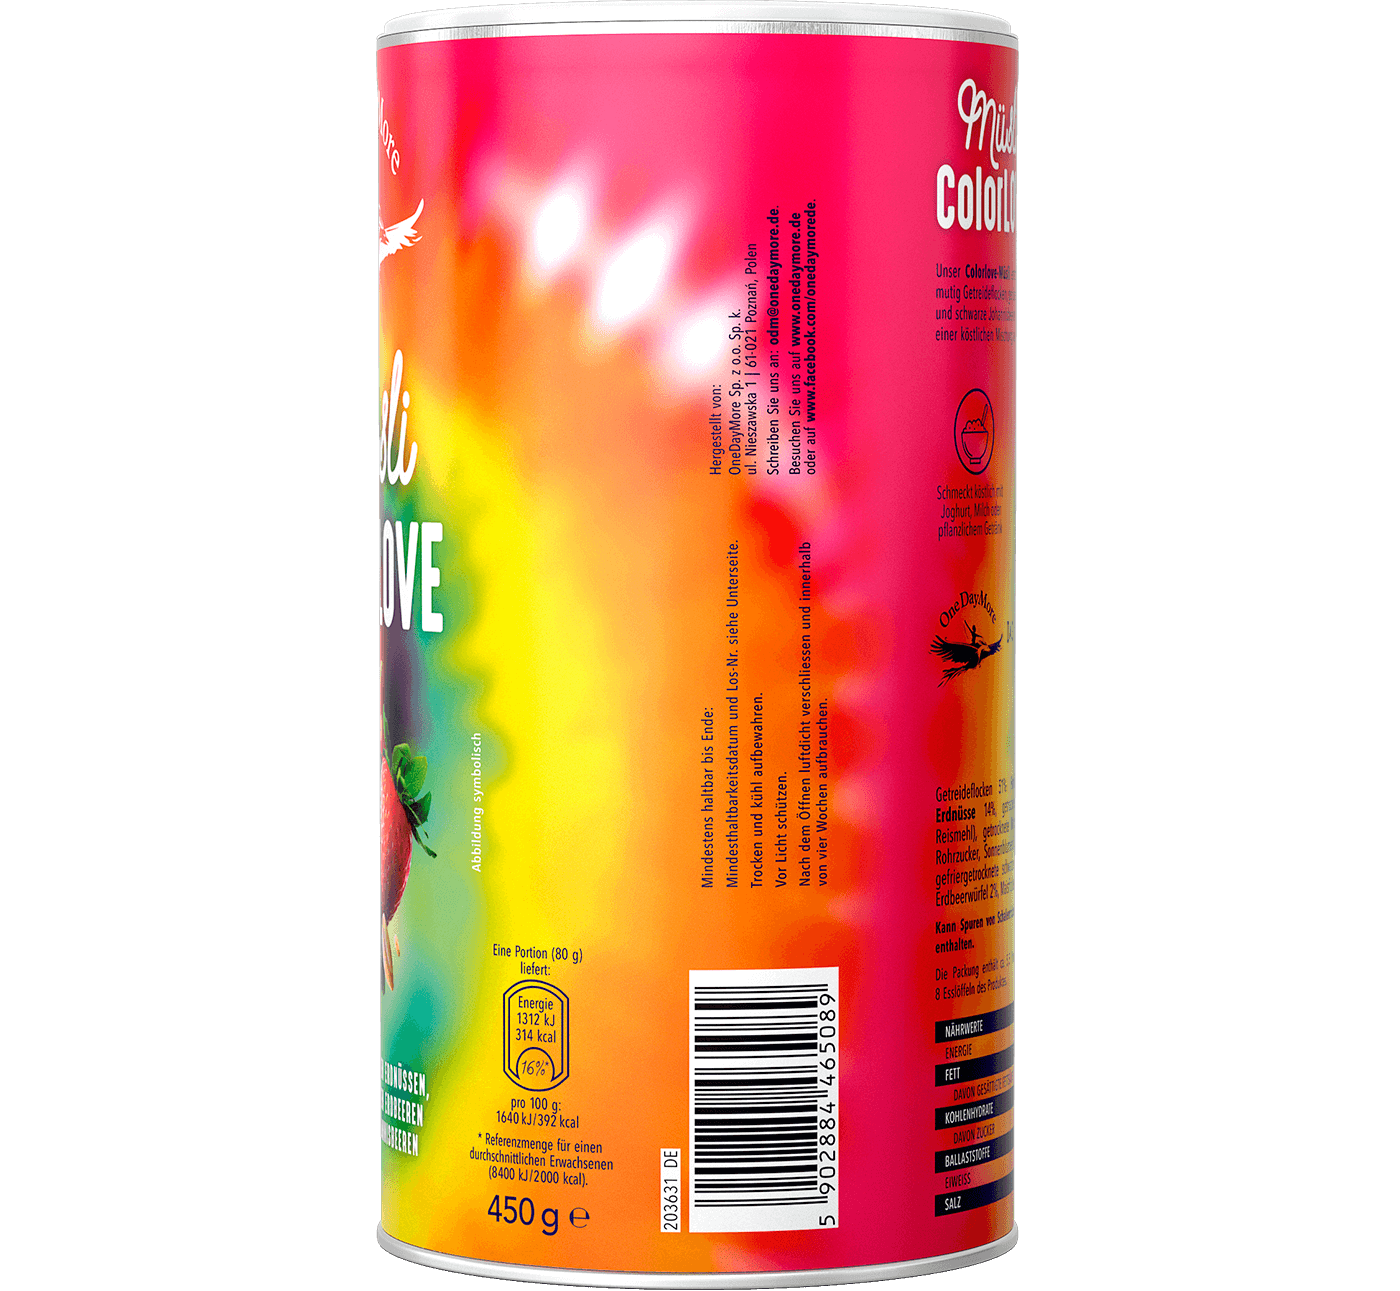 colorlove-muesli-onedaymore_BOK_1400x1291